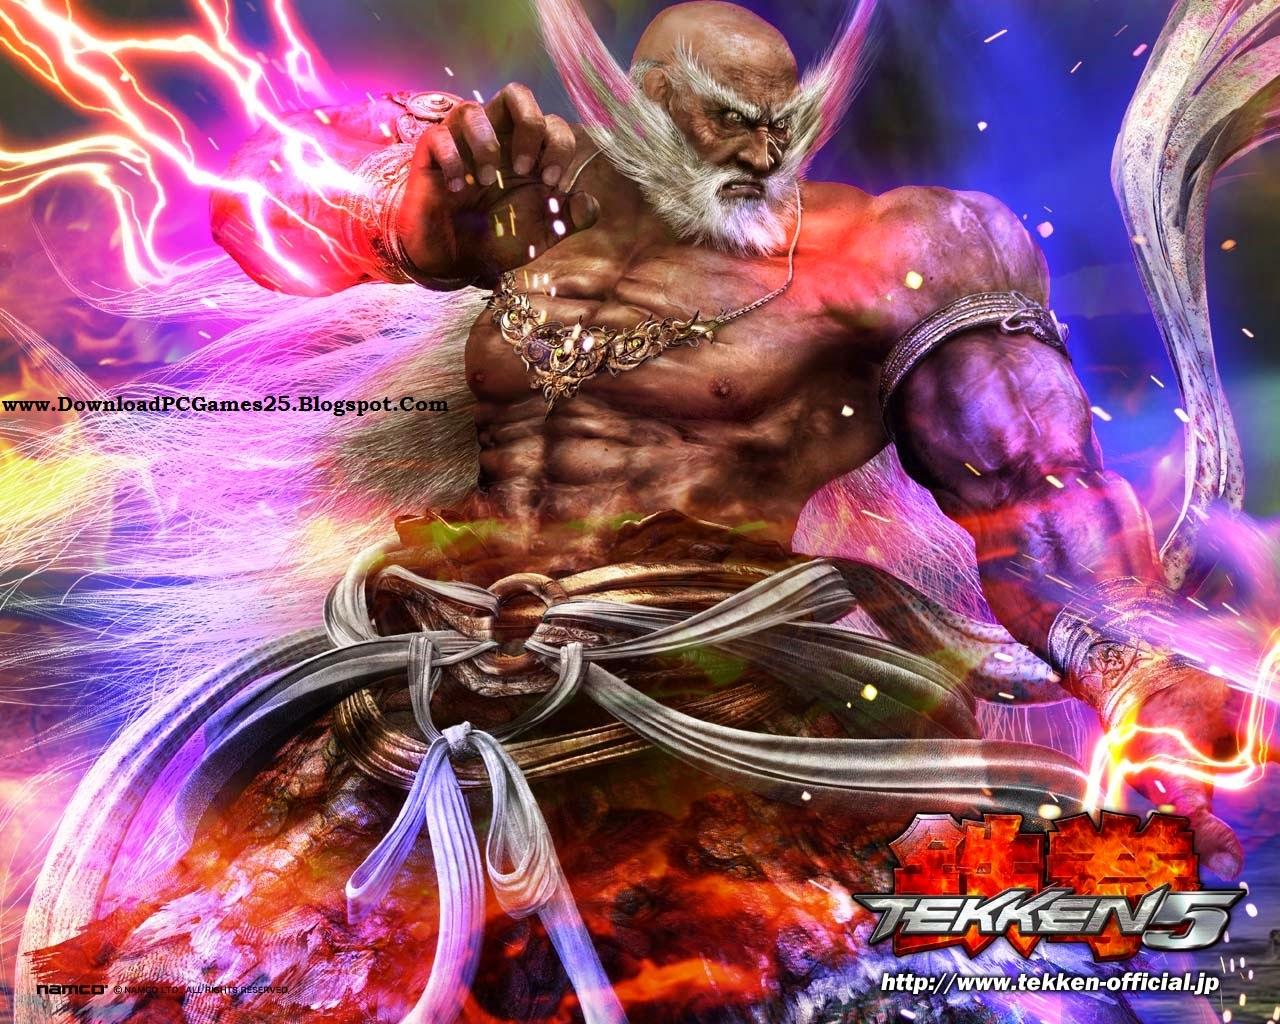 Tekken 5 PC Wallpapers